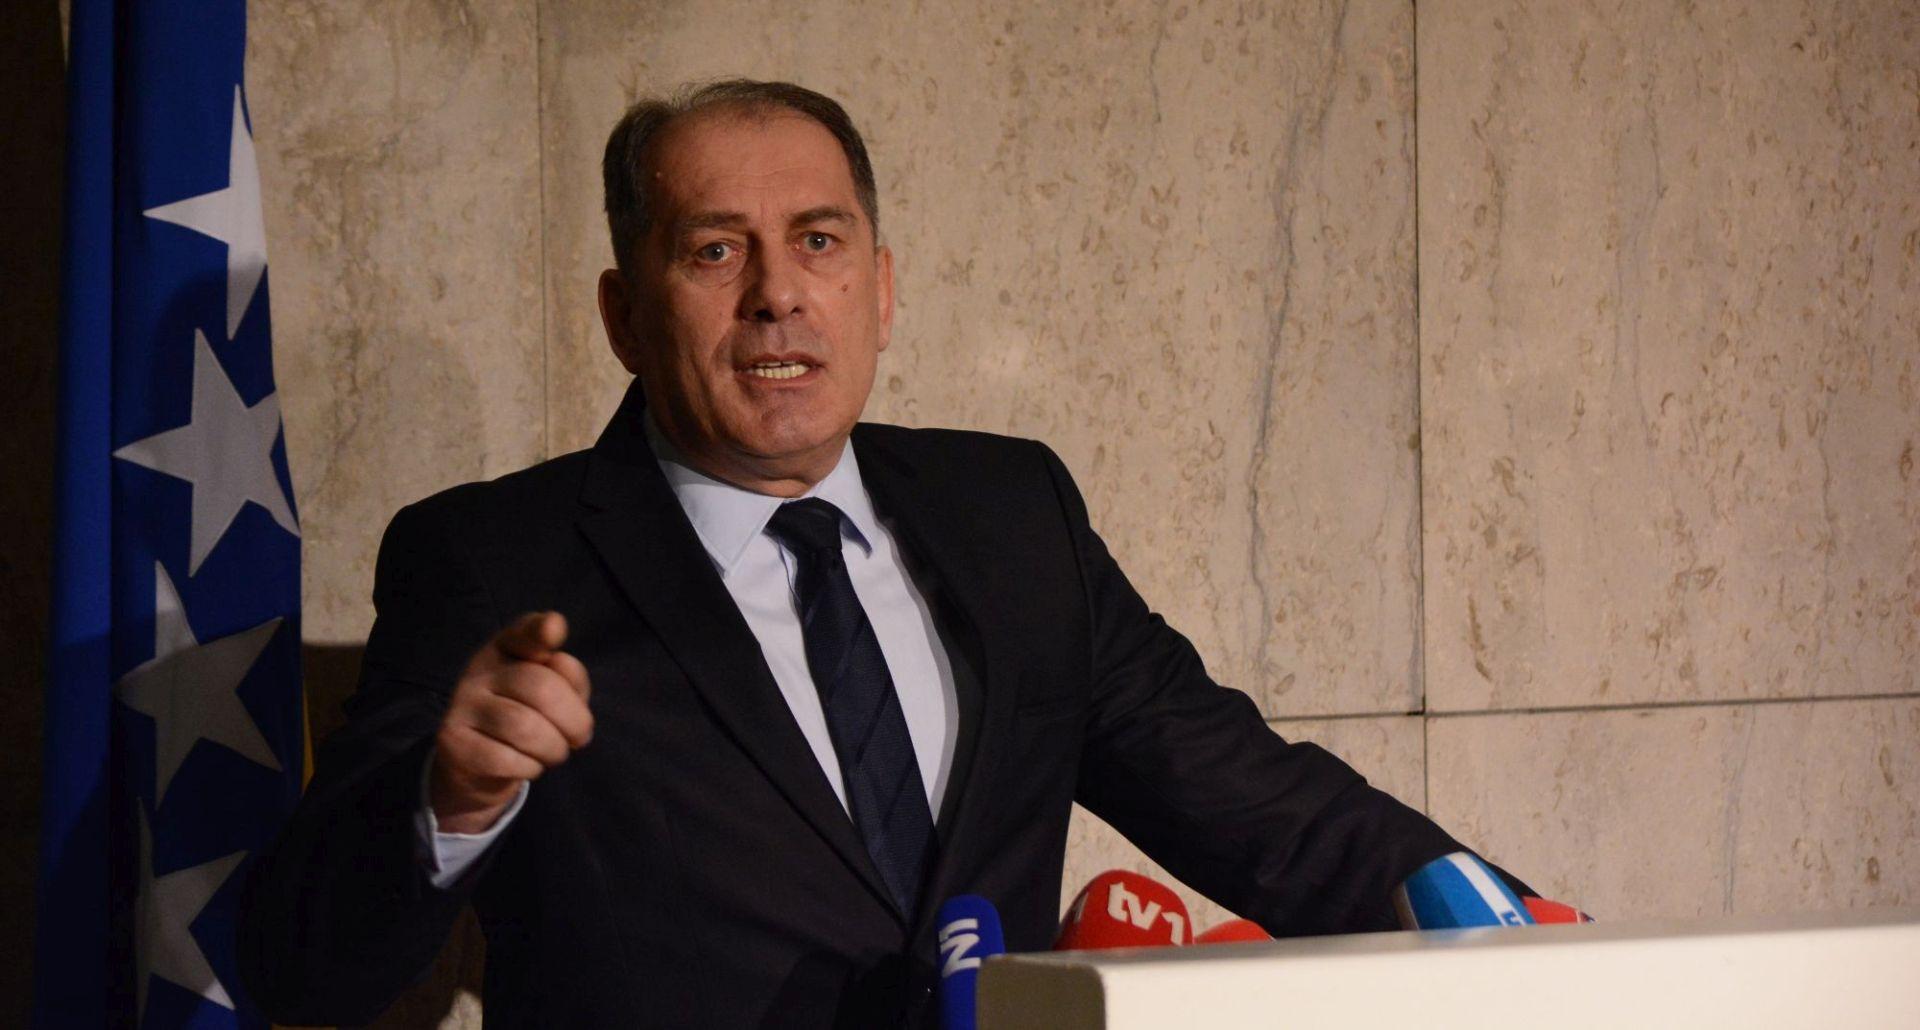 MINISTAR SIGURNOSTI BiH: 'Moguć povratak do dvije i pol tisuće potencijalnih terorista u cijelu EU'